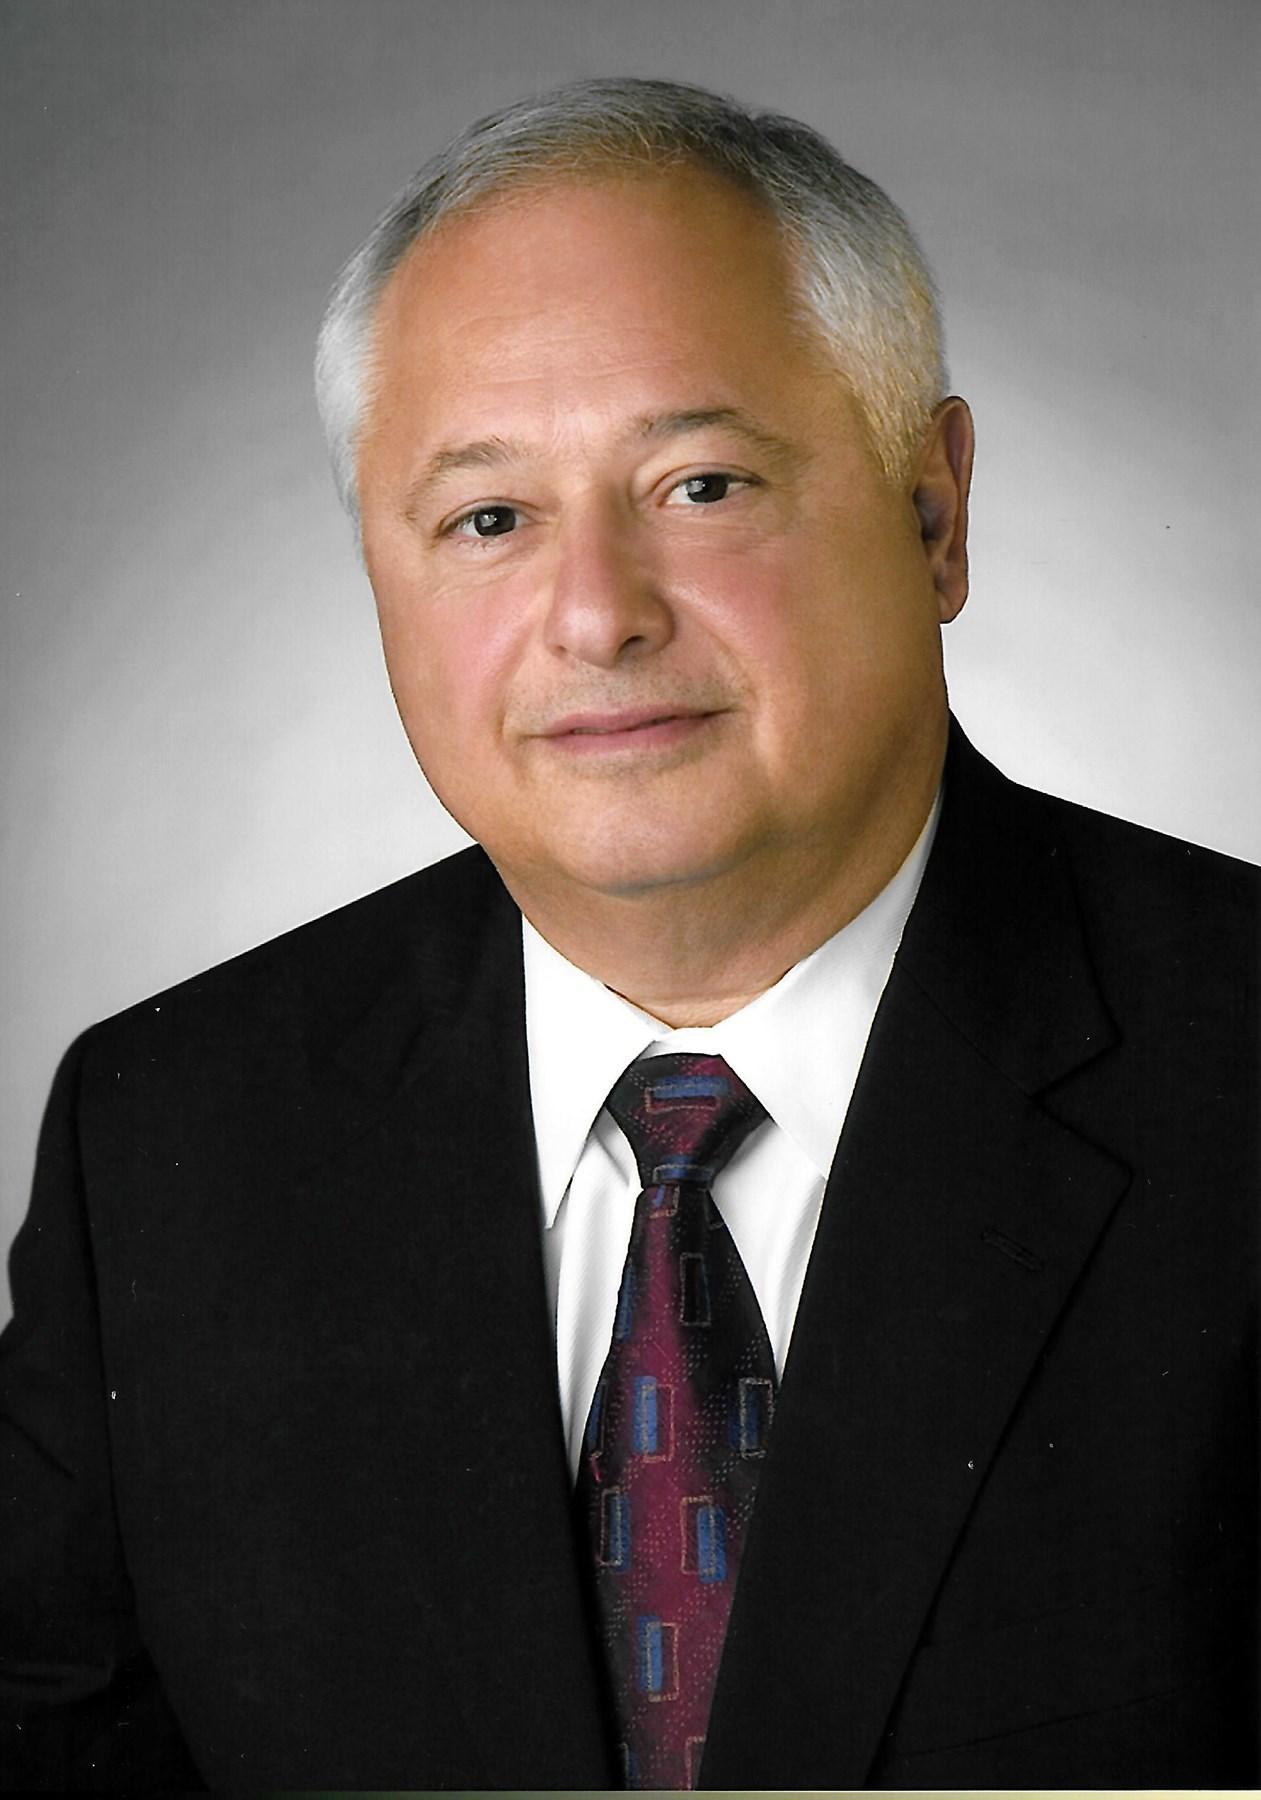 Craig Michael  Vecchiola